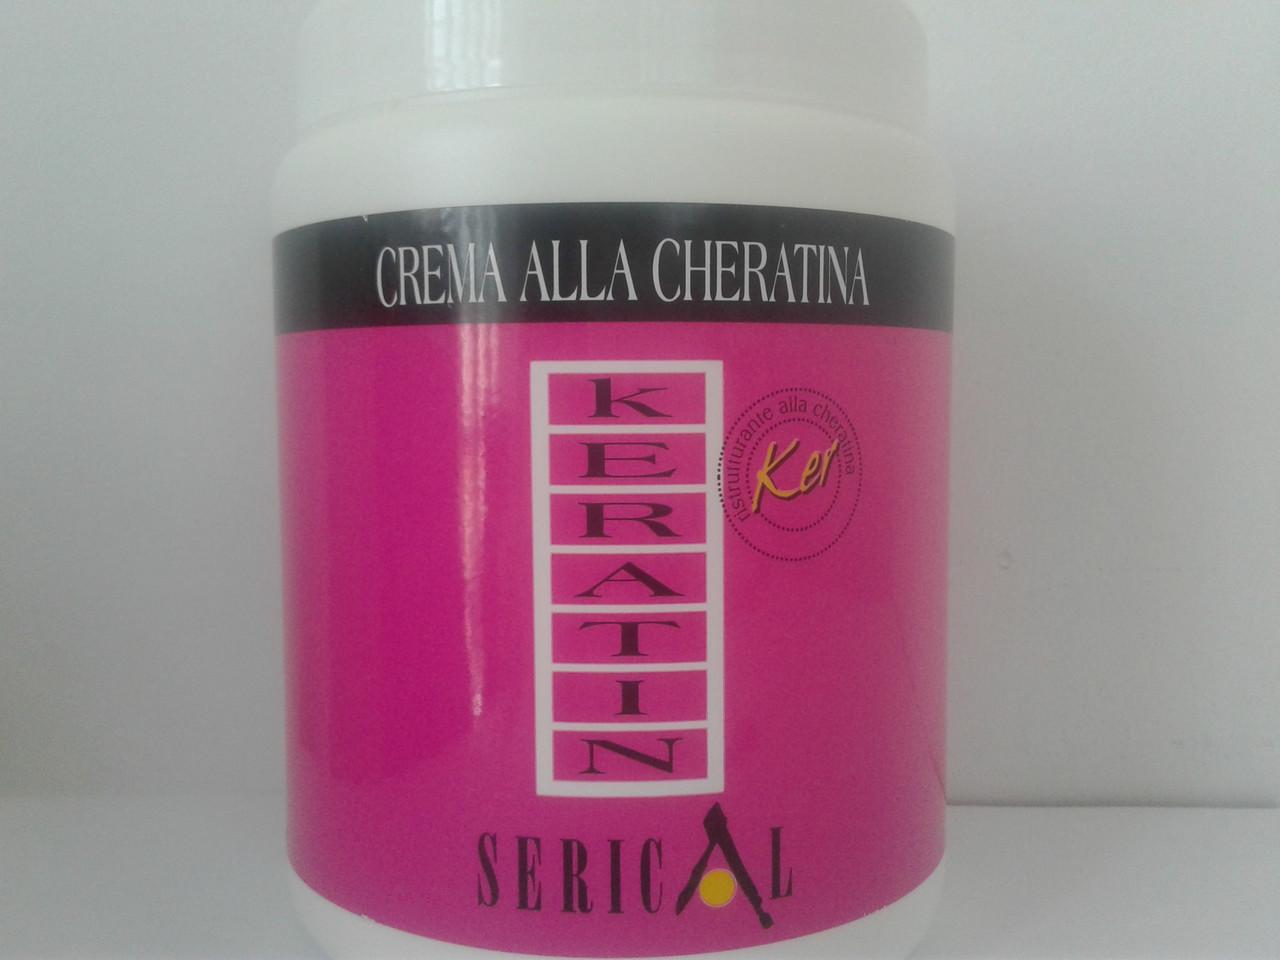 Крем - Маска для волос Serical Crema Alla Cheratina Keratin 1000 мл. Echosline (Италия)